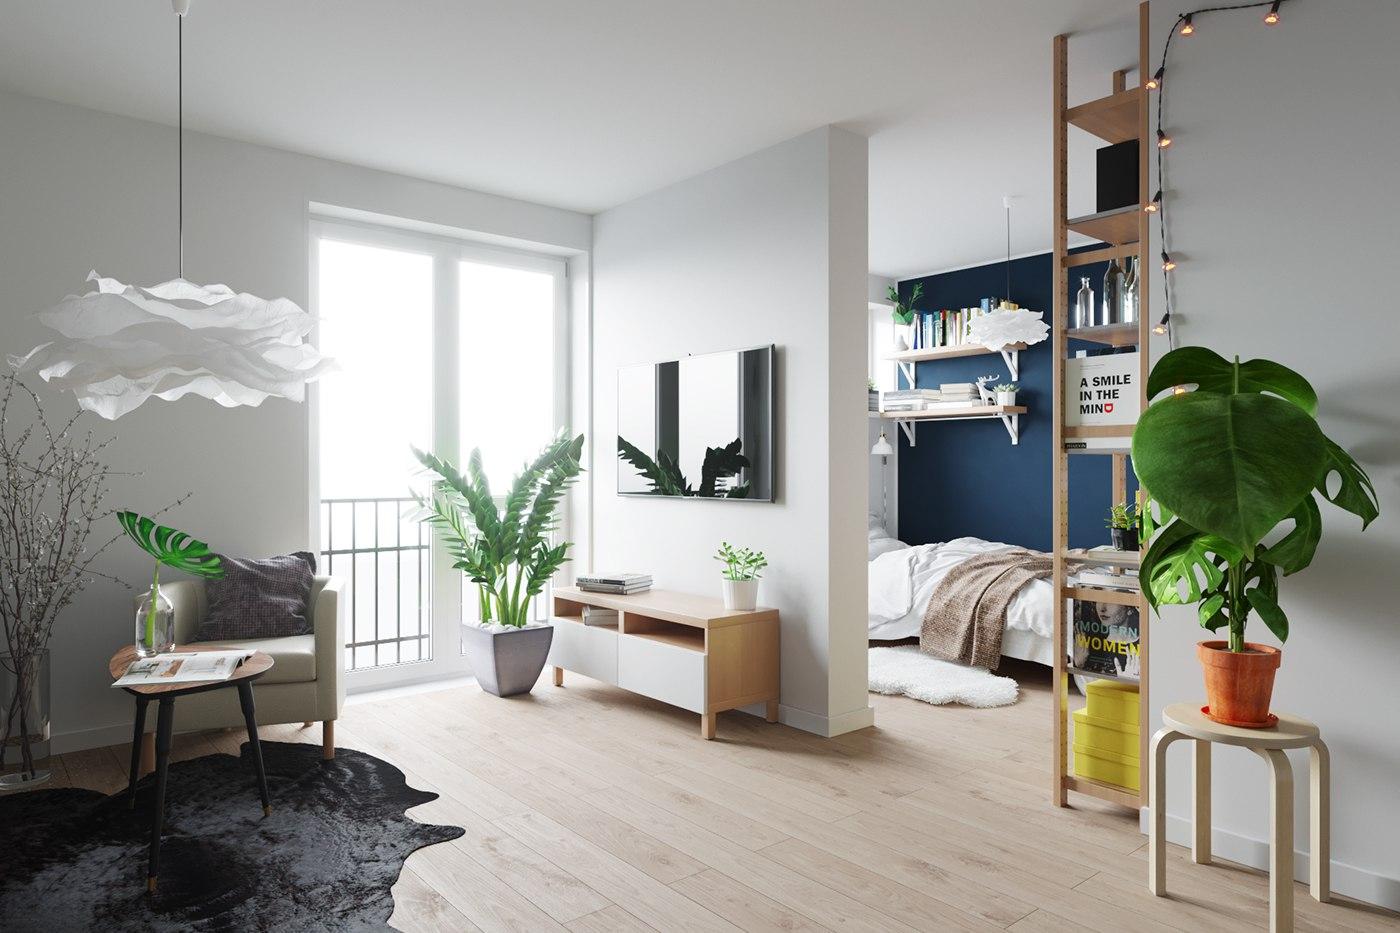 Дизайн-проект студии 30 м с мебелью ИКЕА.